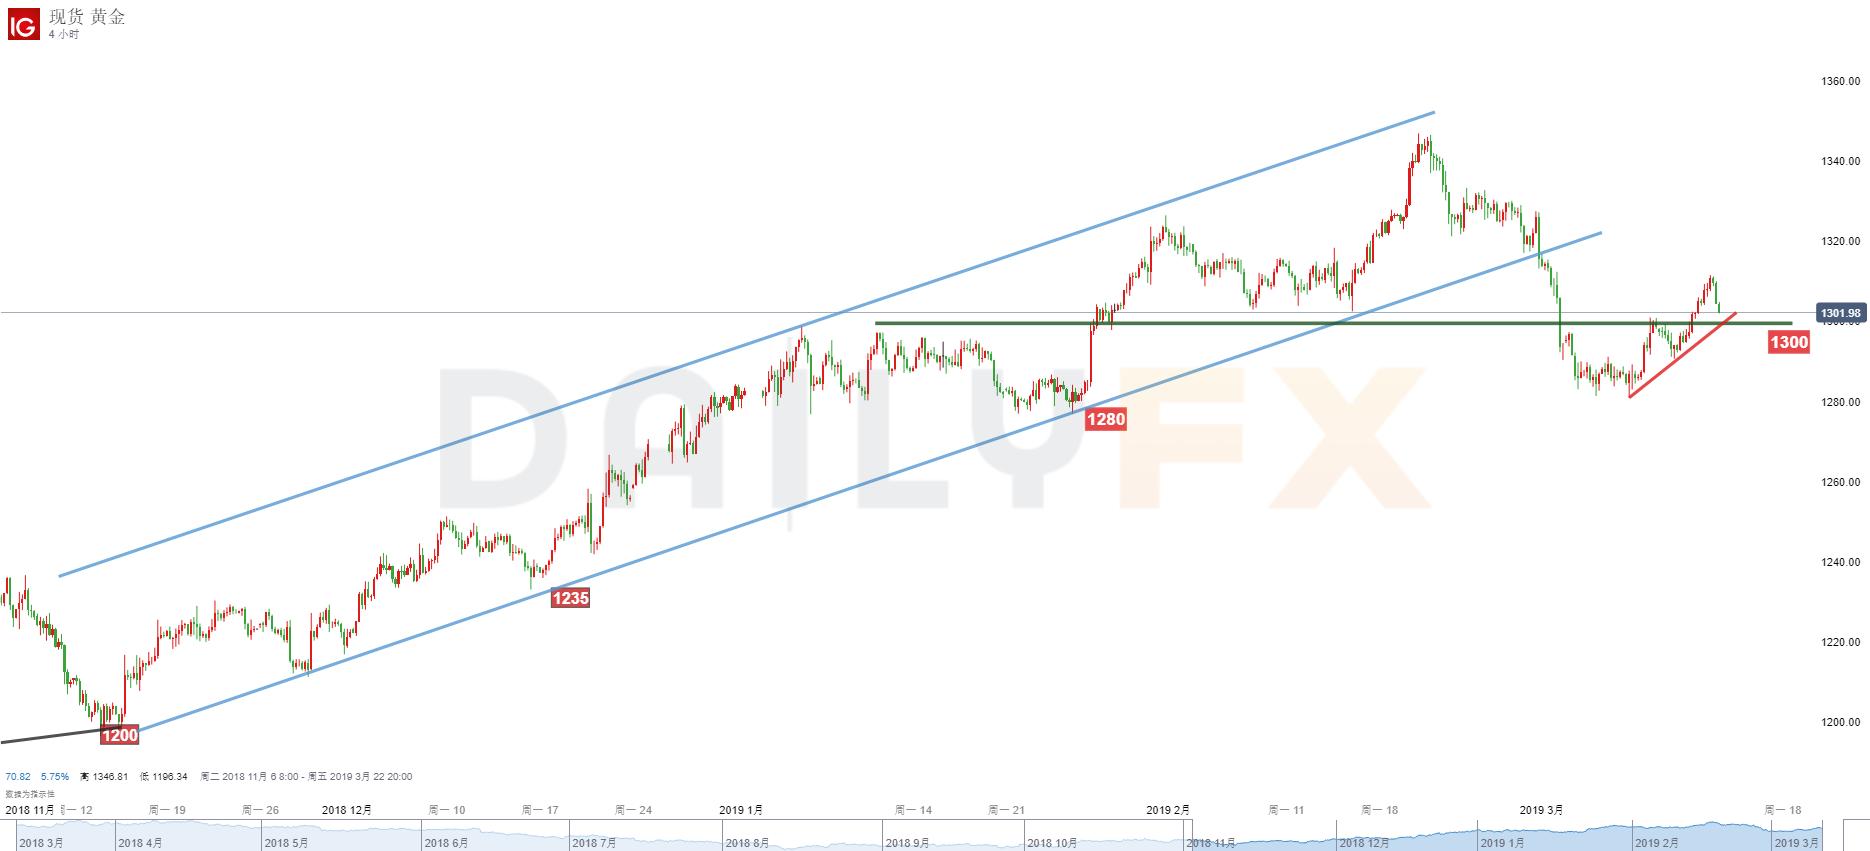 黄金/美元技术分析:再次关注1300一线表现